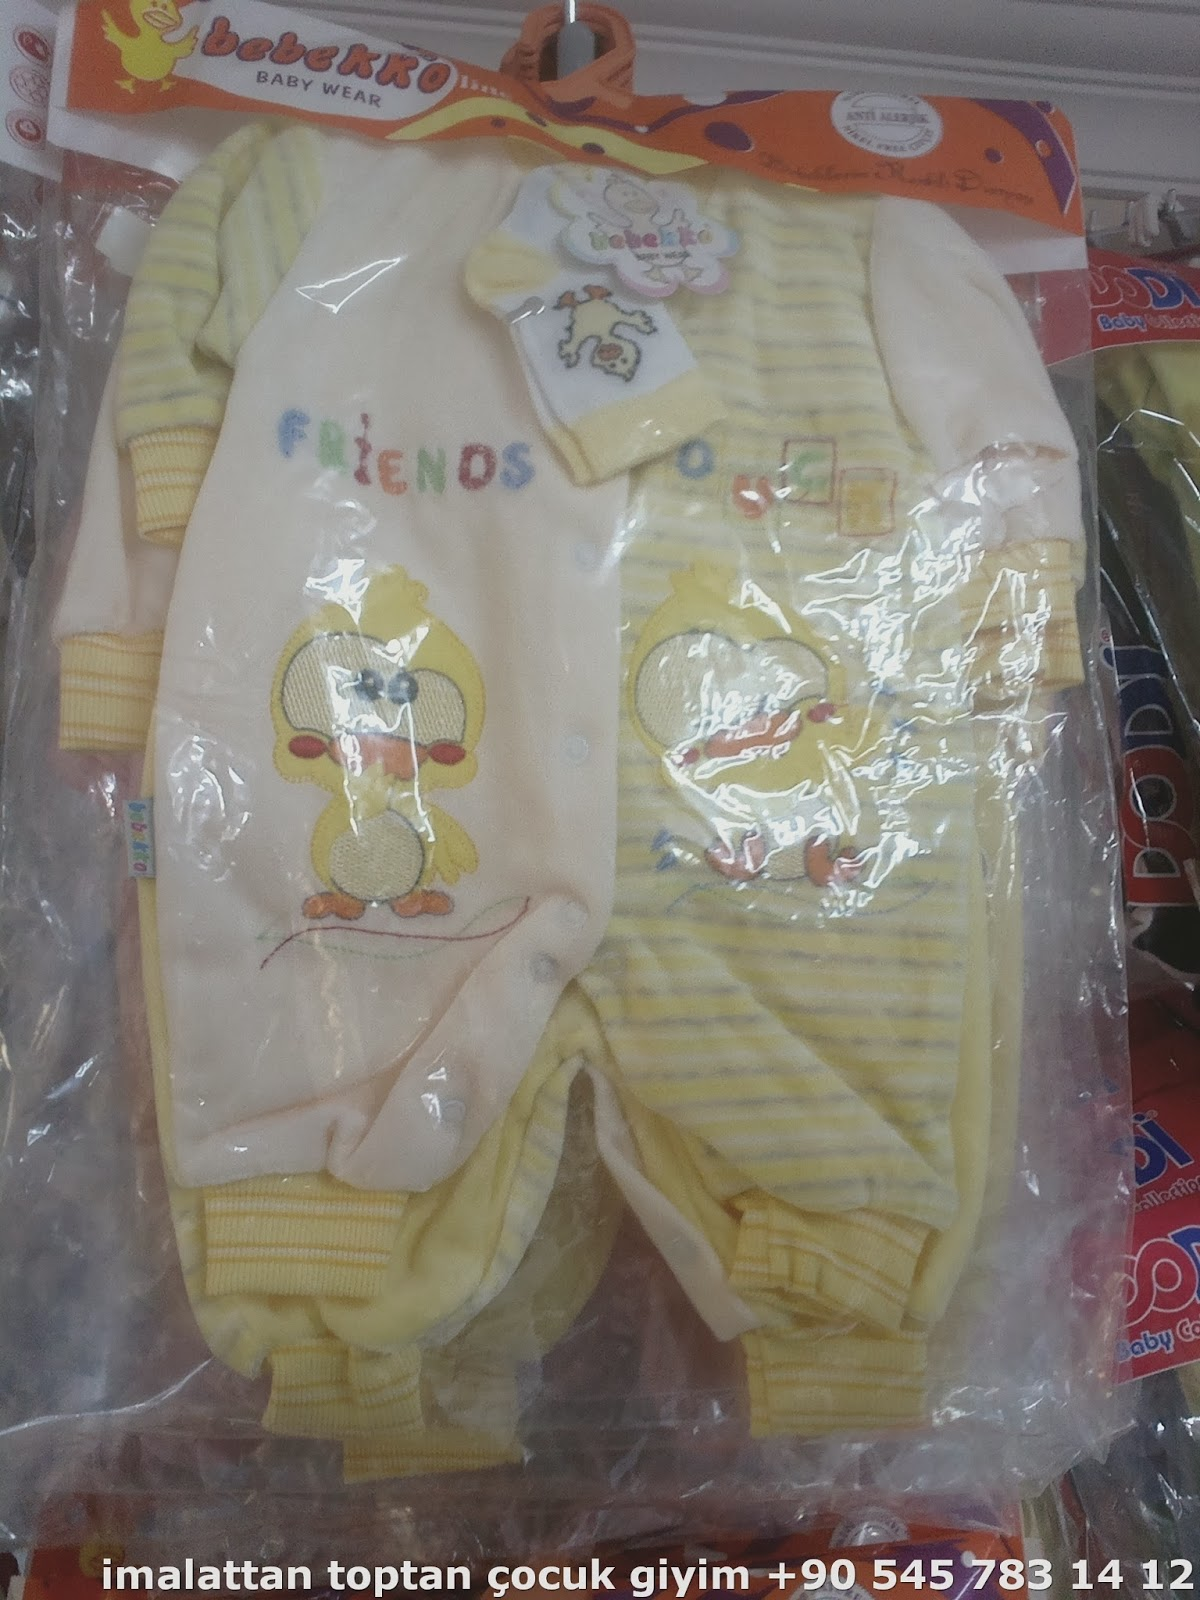 children's underwear